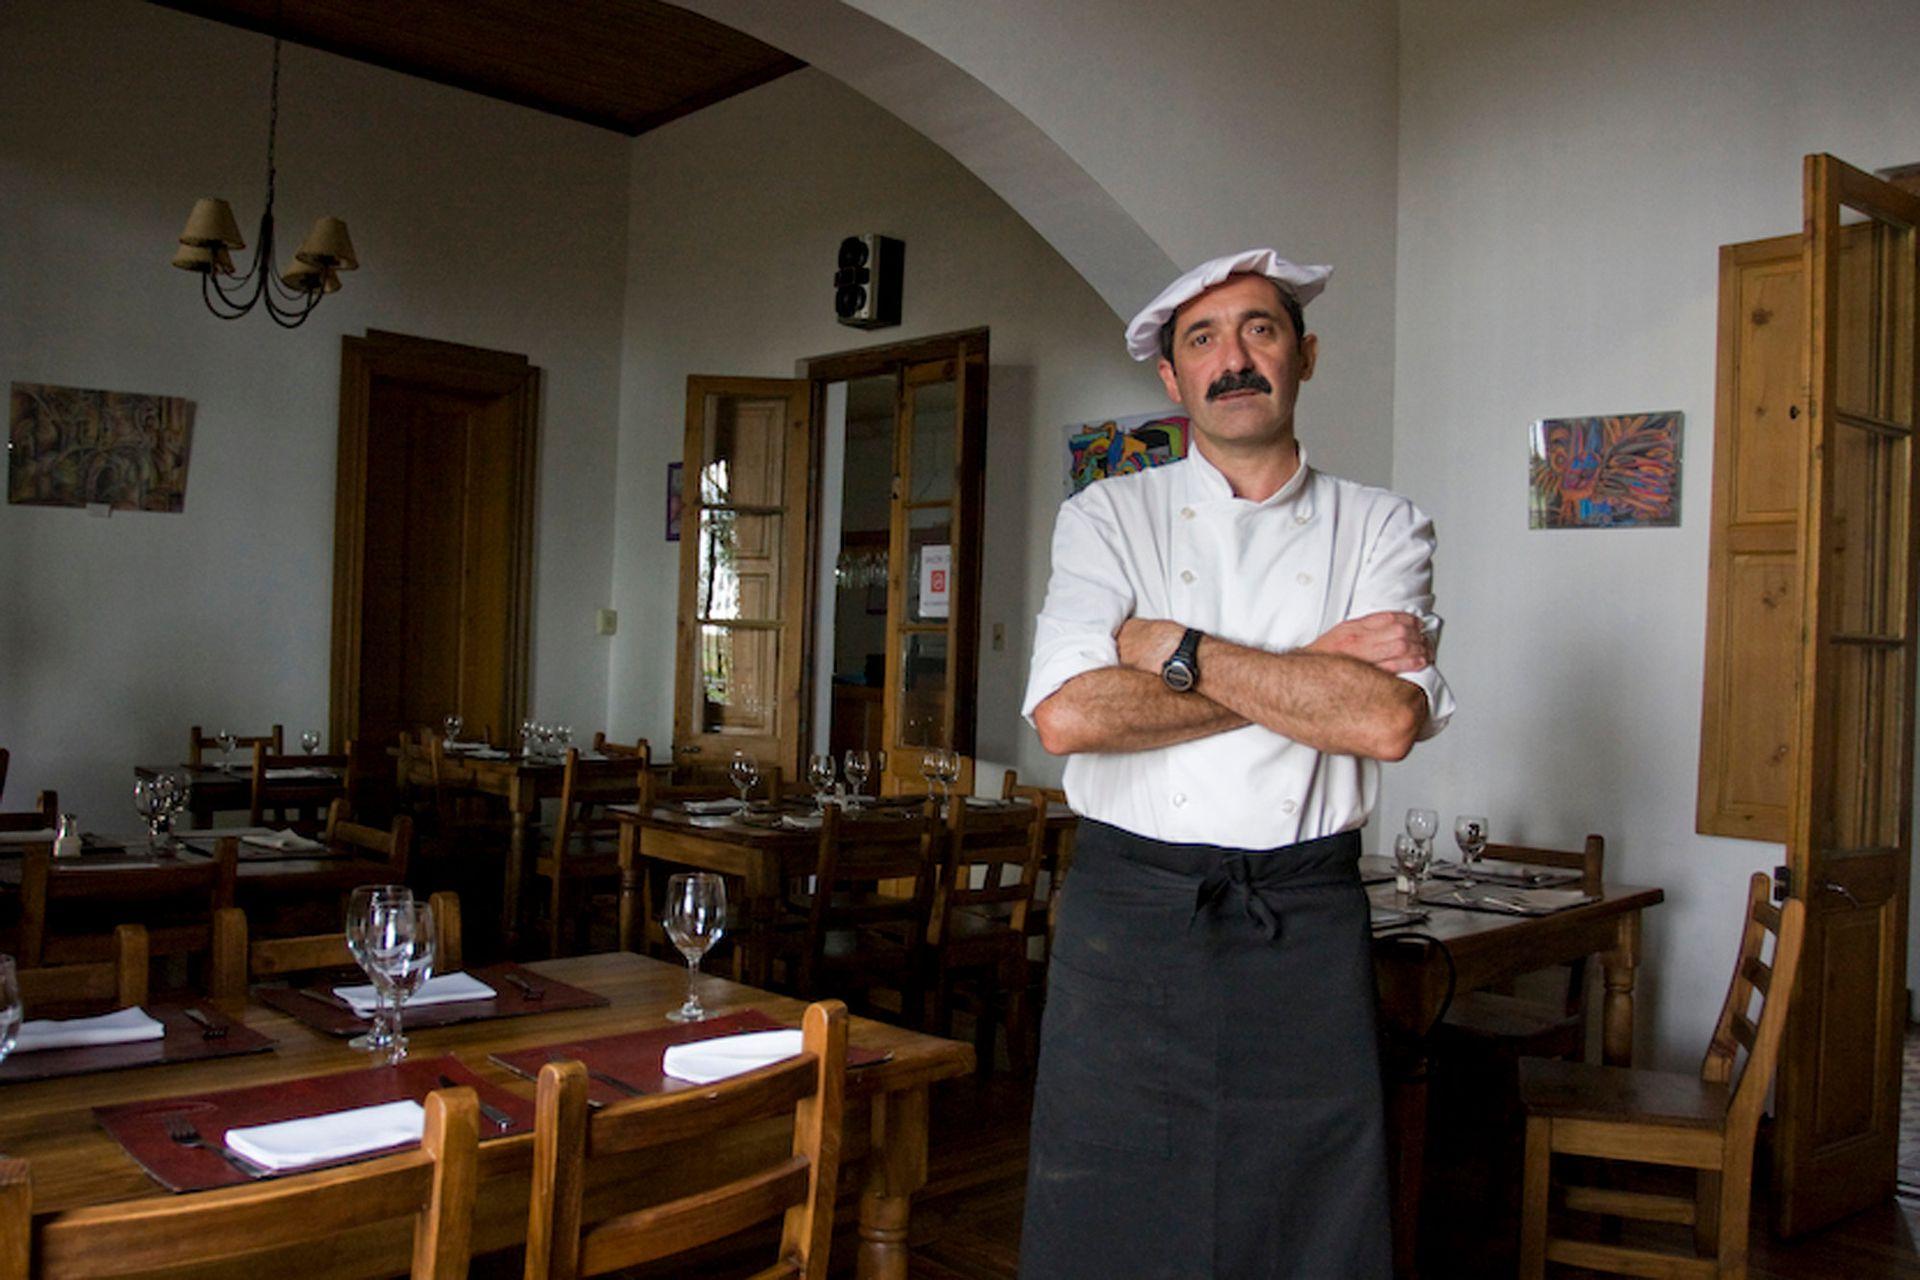 Juanjo Samberro, creador y cocinero de Lo de Juanjo, en Pila